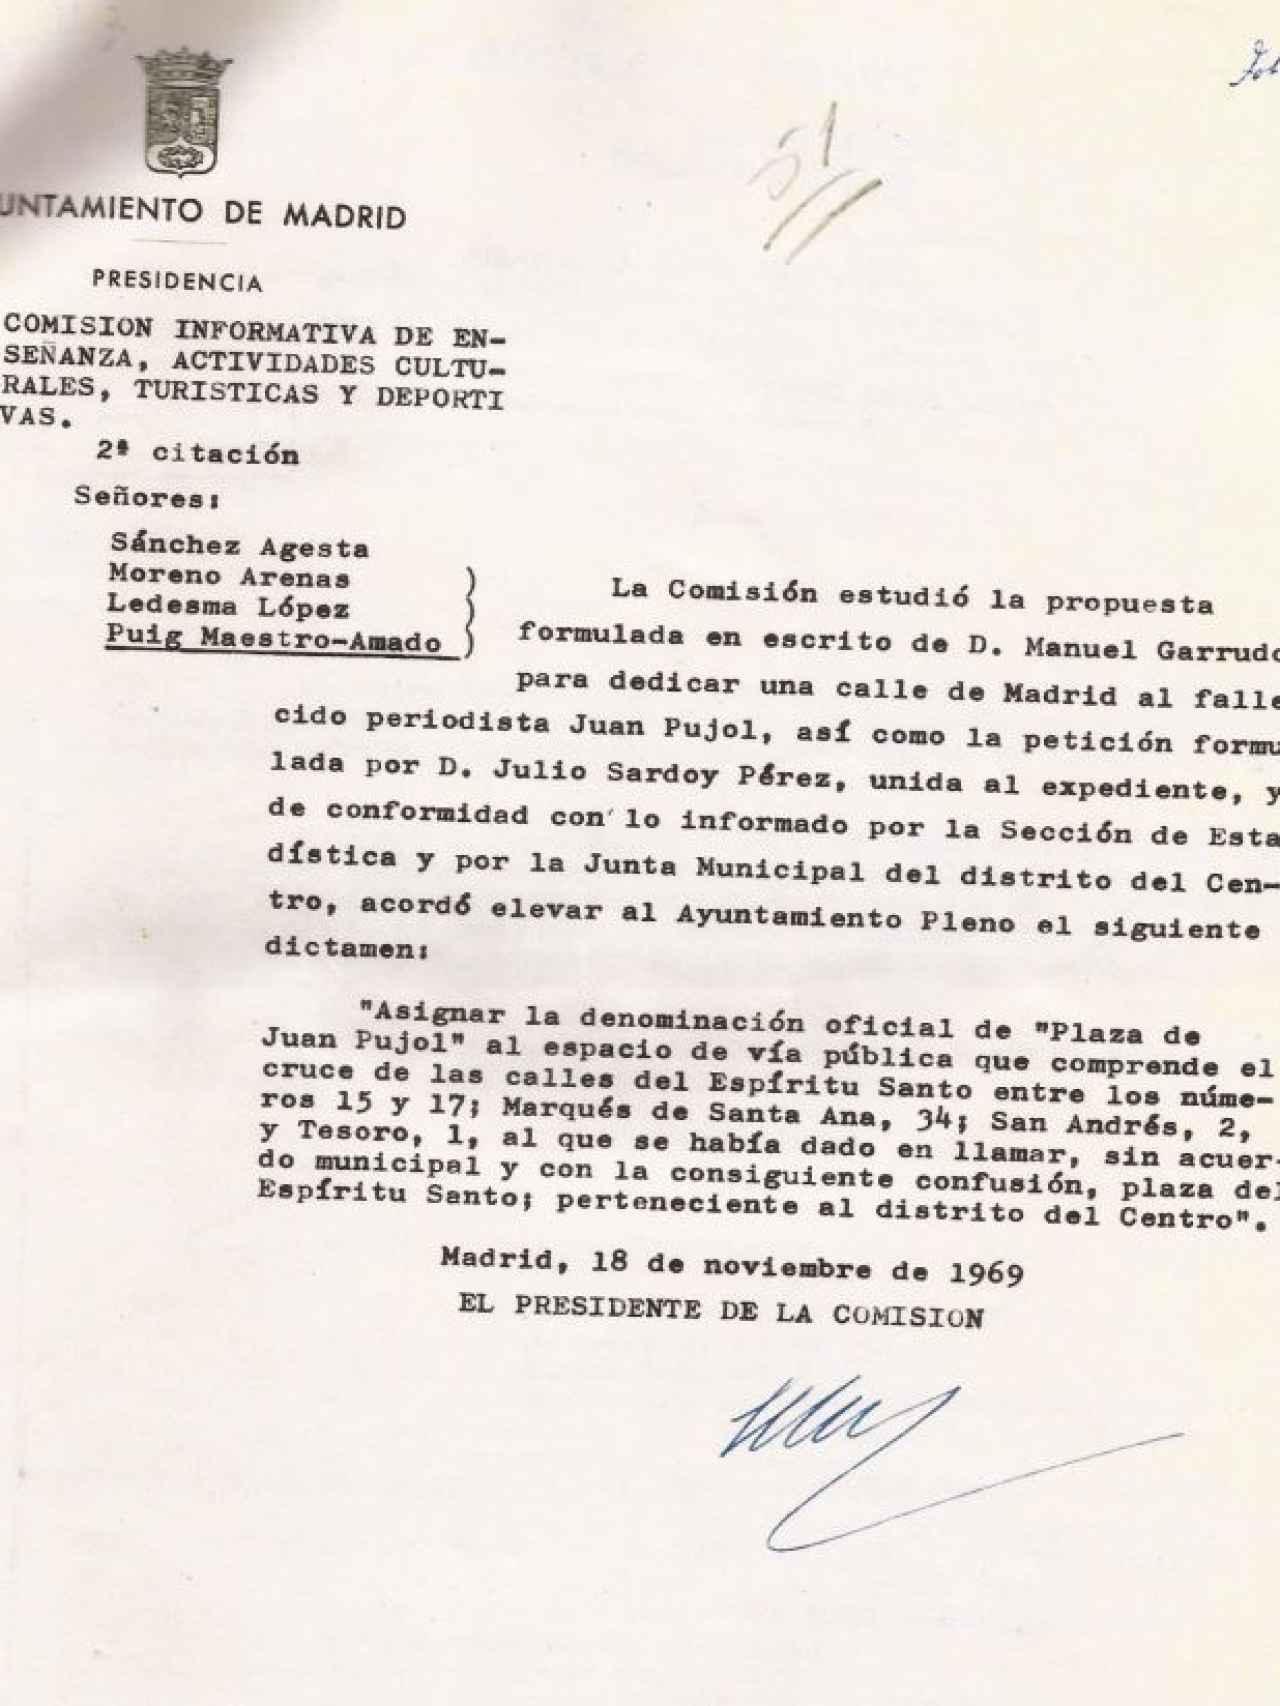 Documento del pleno del Ayuntamiento que detalla la inauguración de la plaza Juan Pujol.